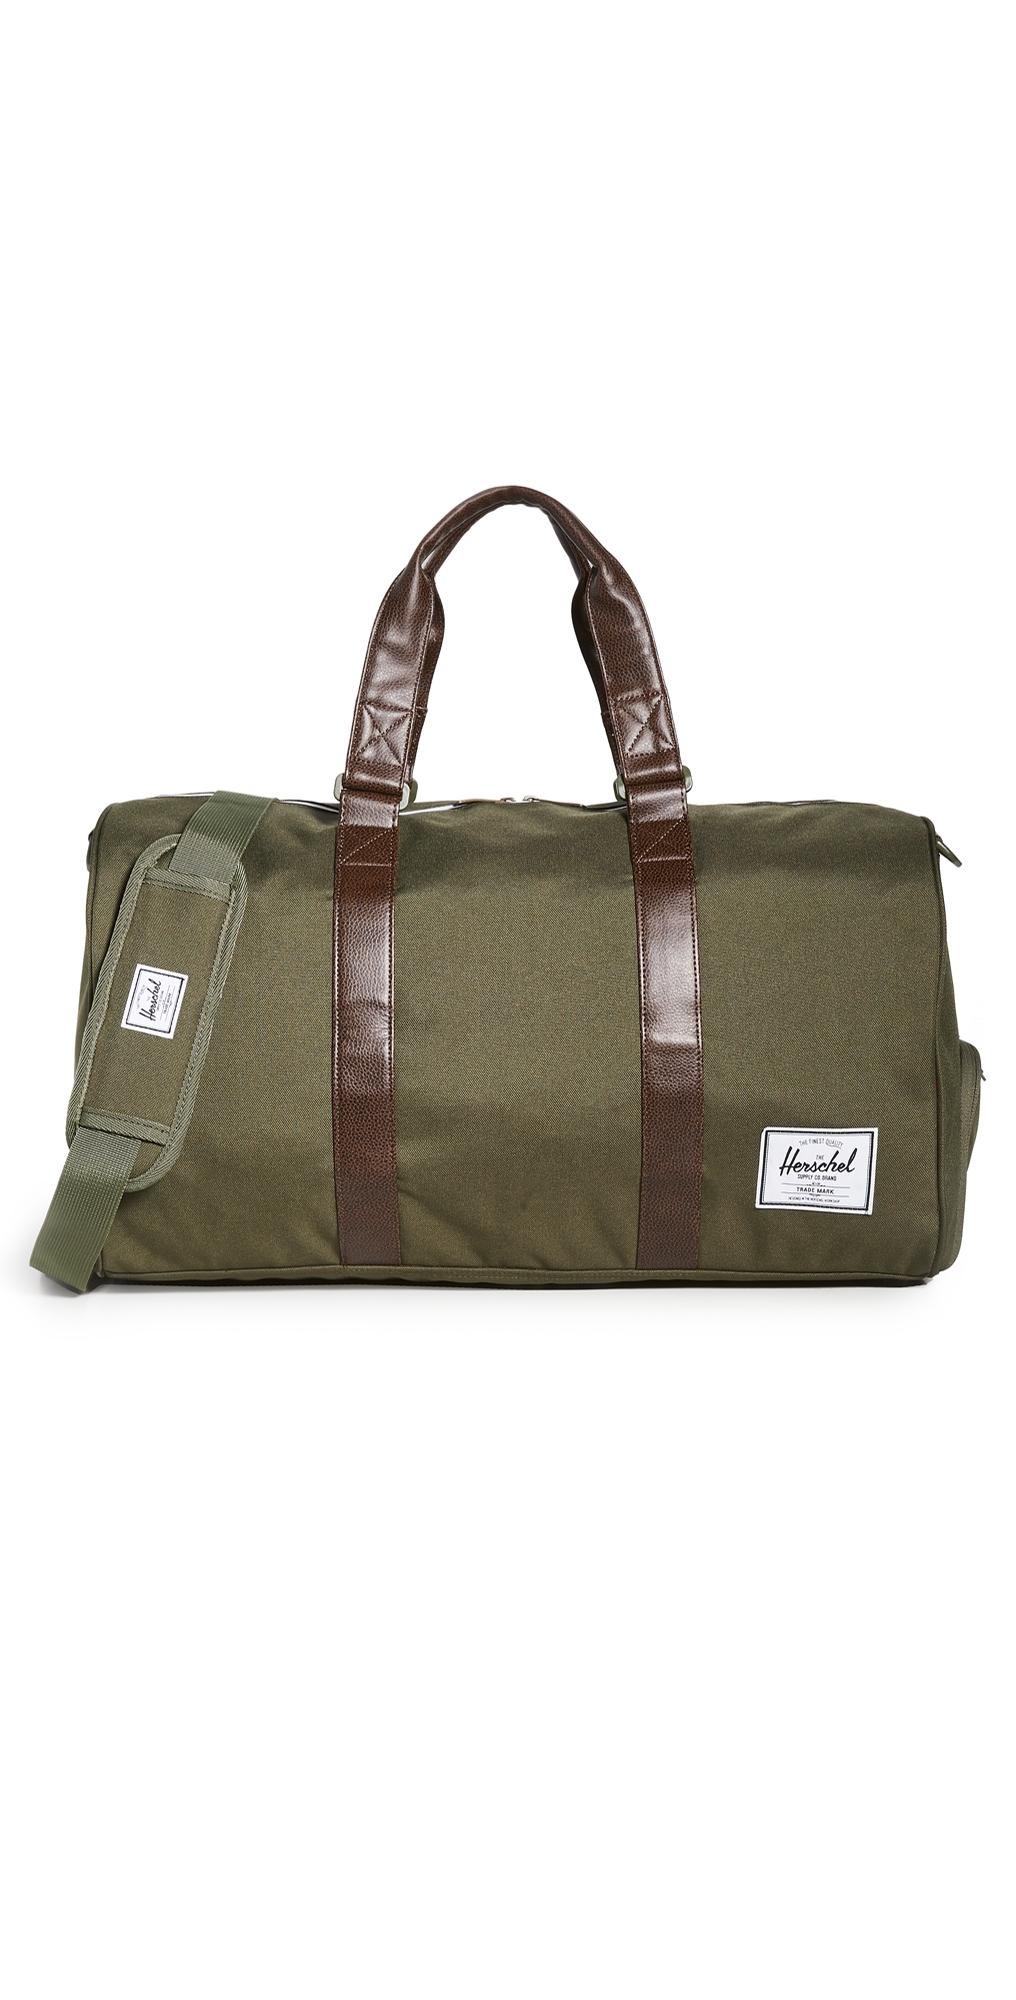 Herschel Supply Co. Bags NOVEL DUFFEL BAG